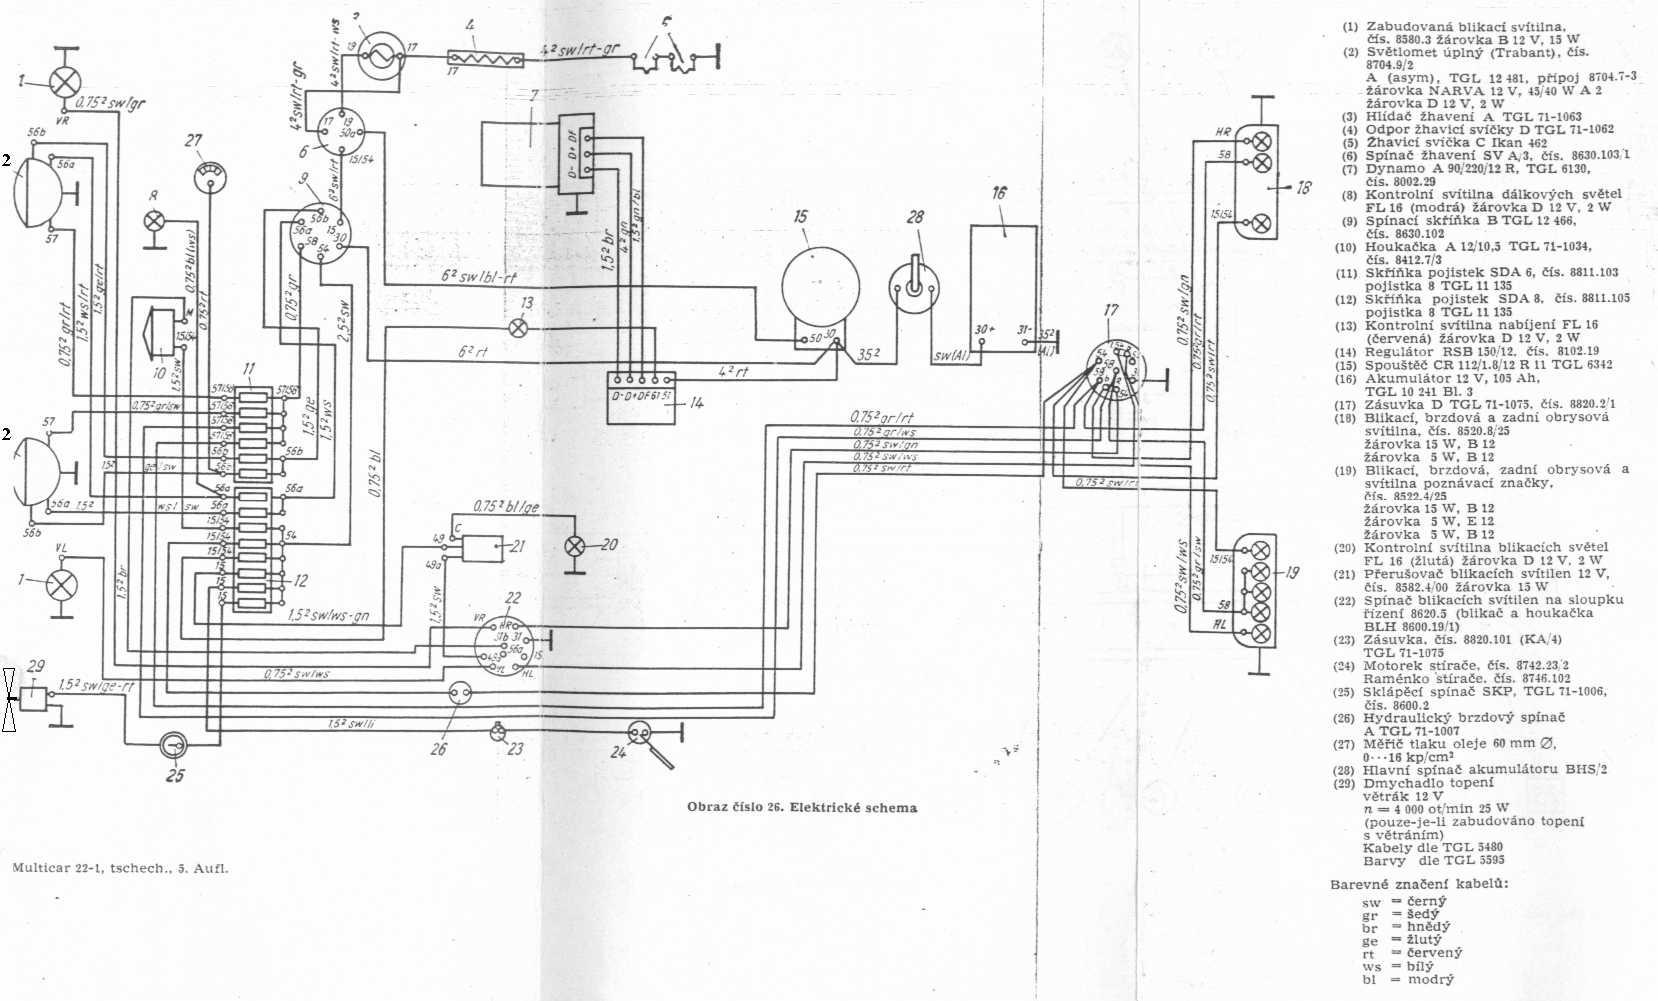 1981 suzuki gn400 wiring diagram